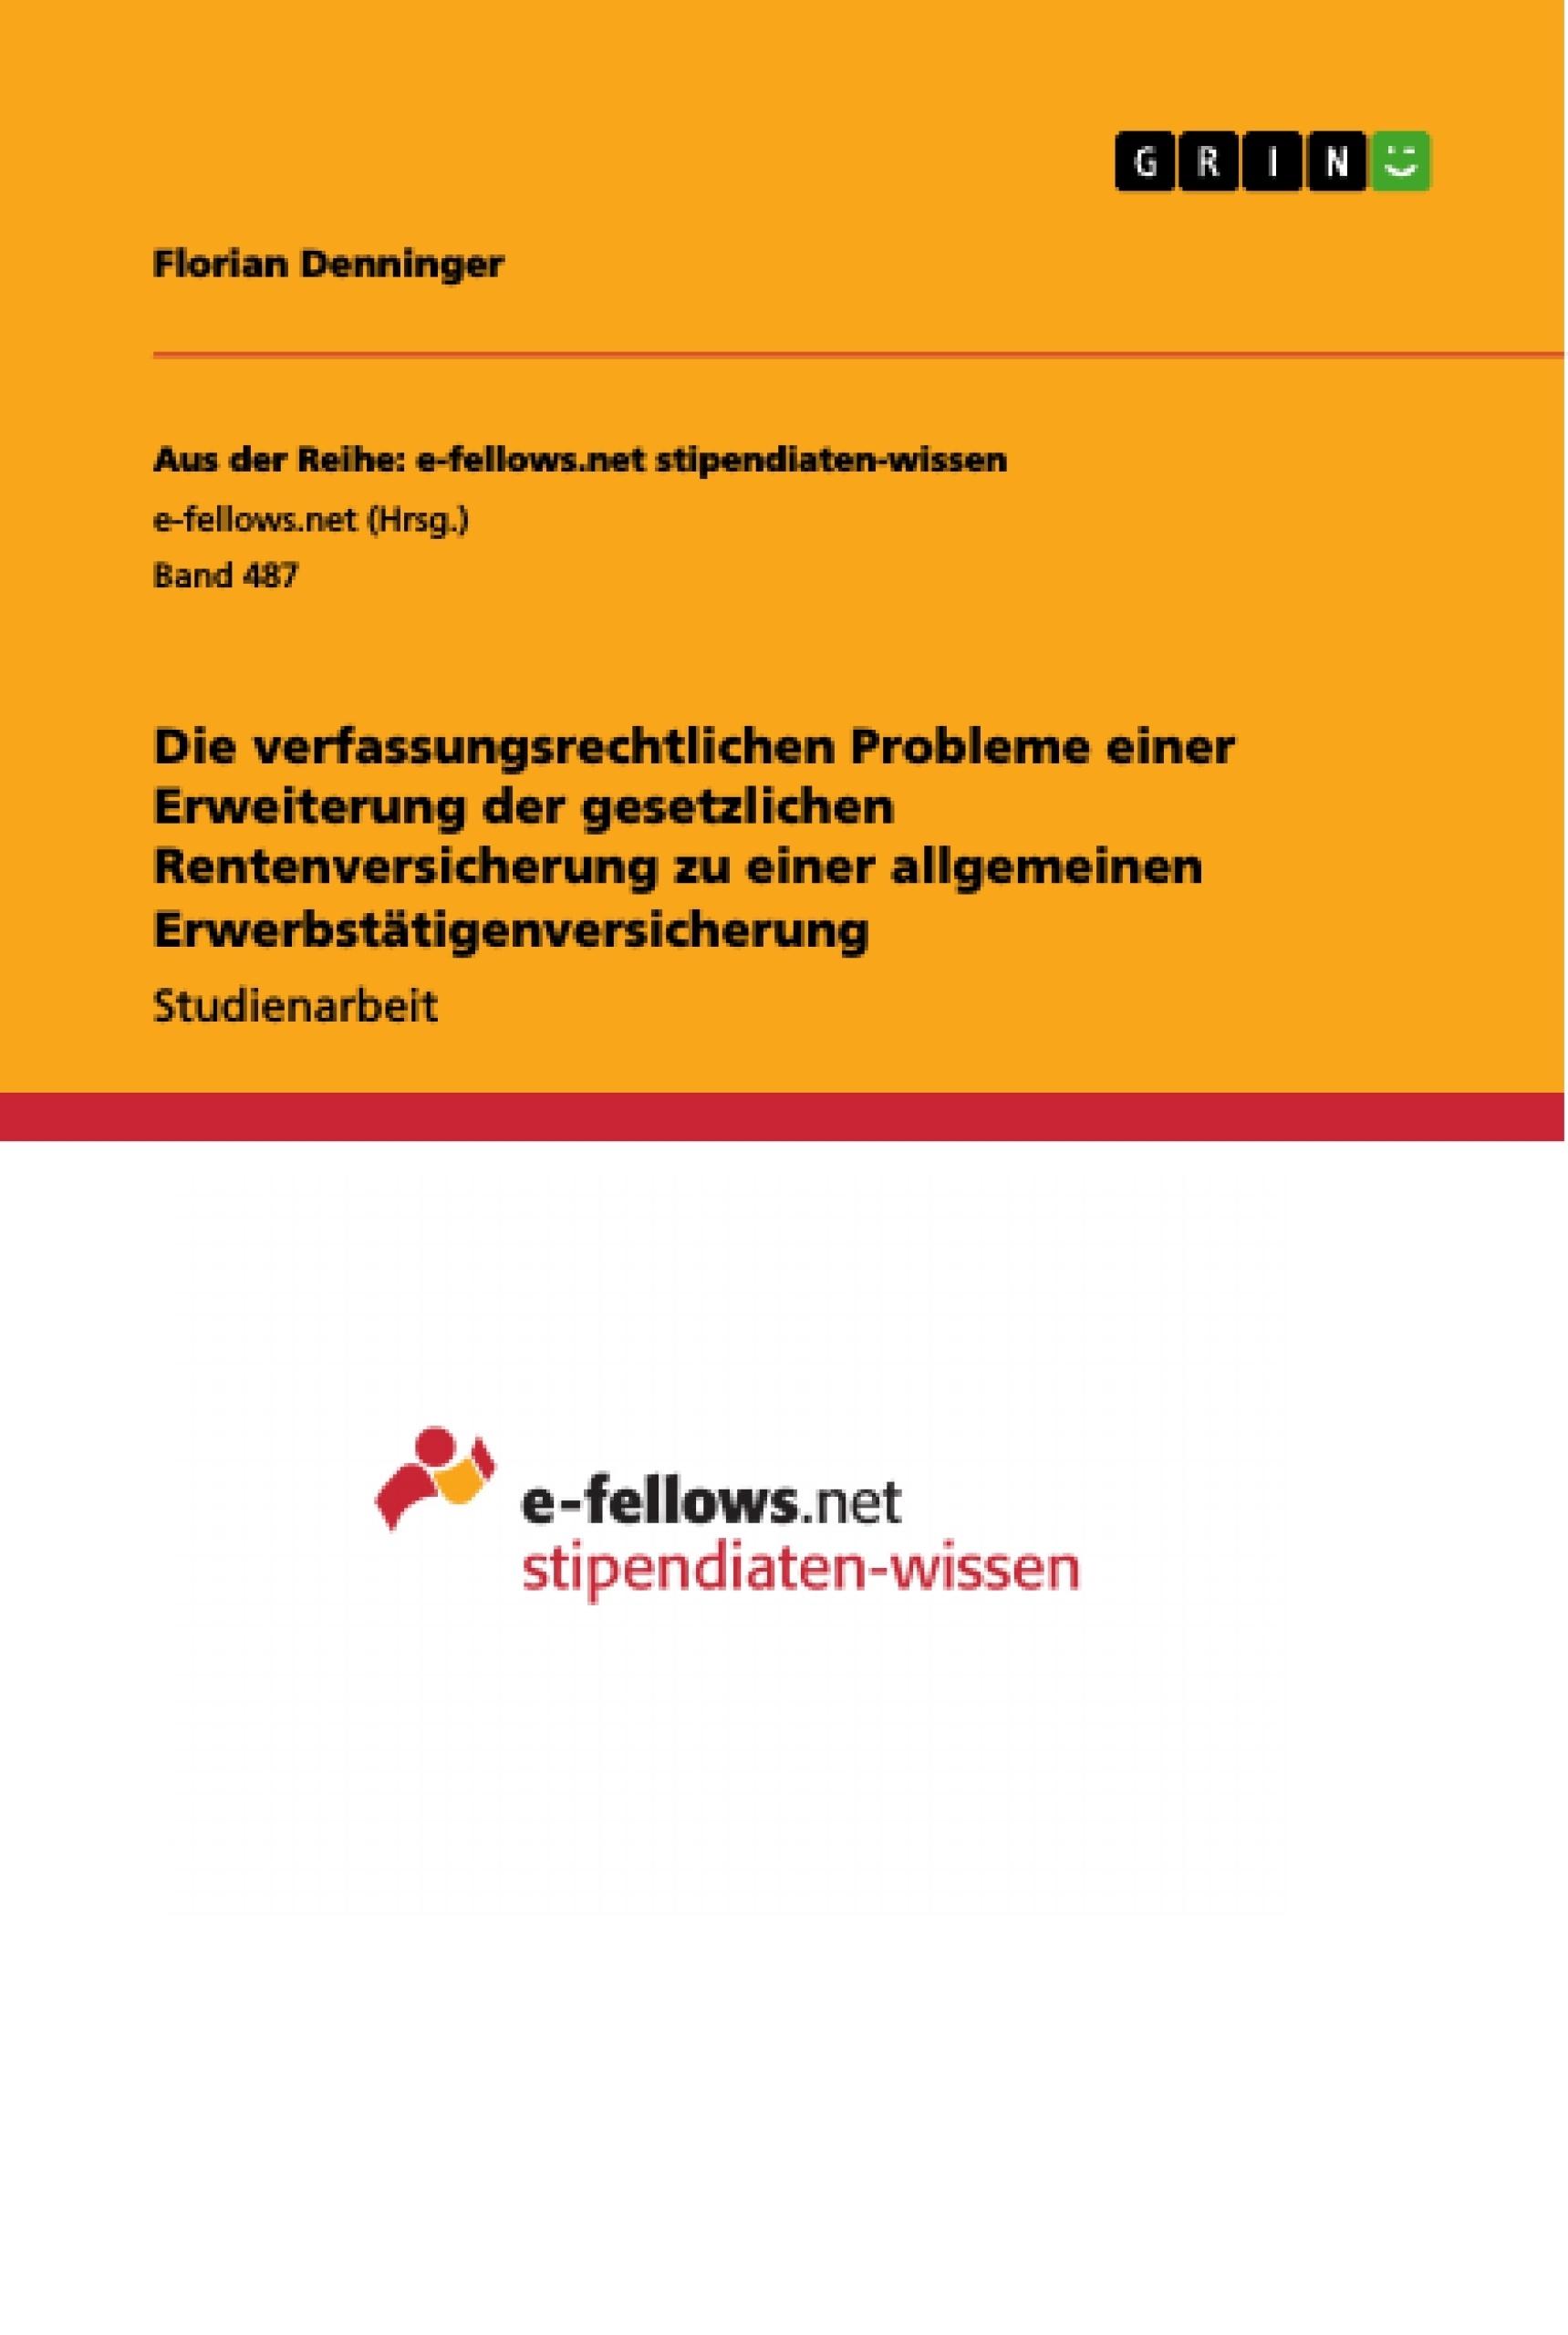 Titel: Die verfassungsrechtlichen Probleme einer Erweiterung der gesetzlichen Rentenversicherung zu einer allgemeinen Erwerbstätigenversicherung